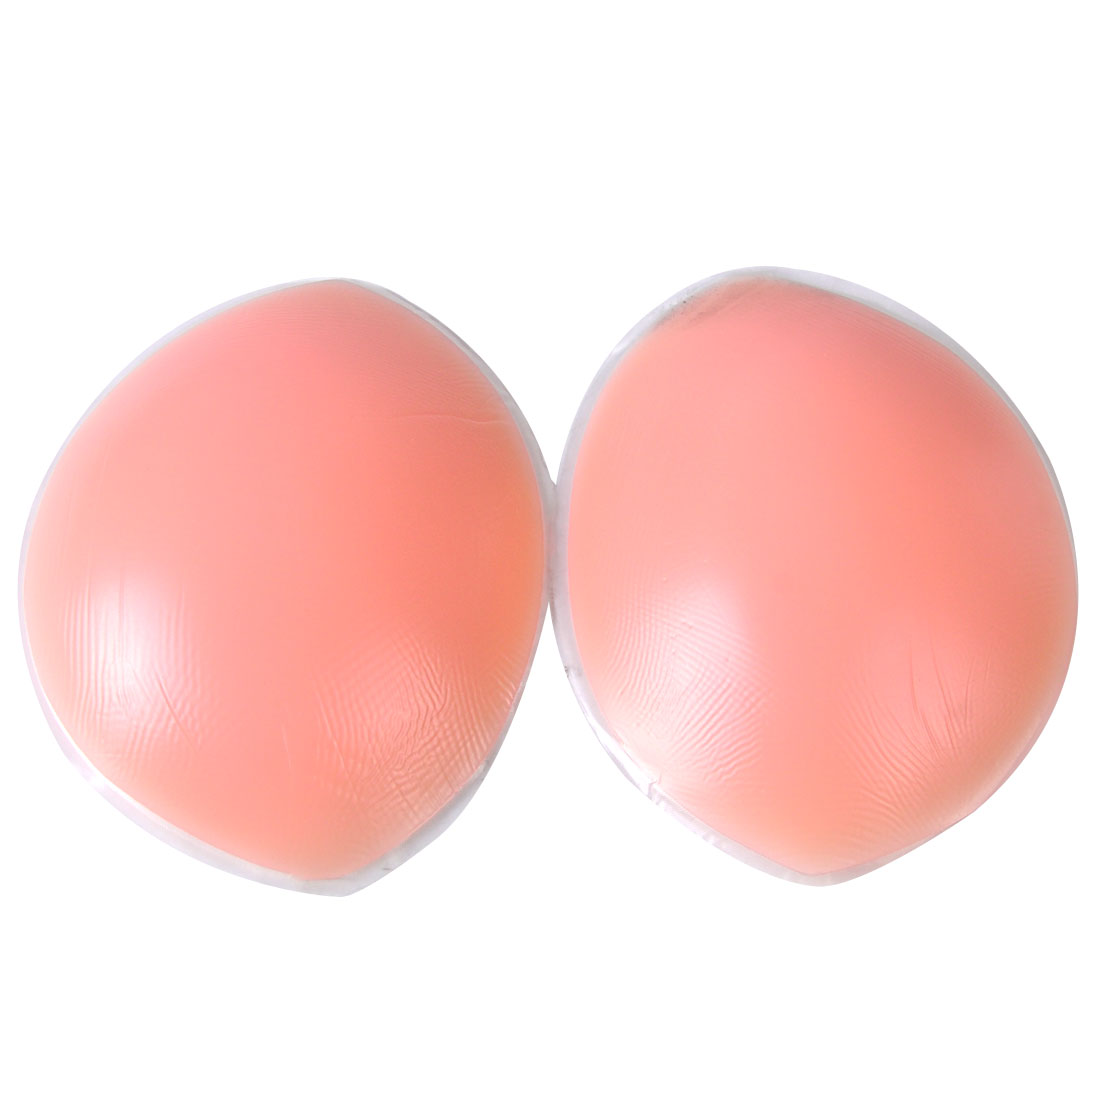 Hollywood Fashion Secrets Silicone Breast Enhancers - m 40